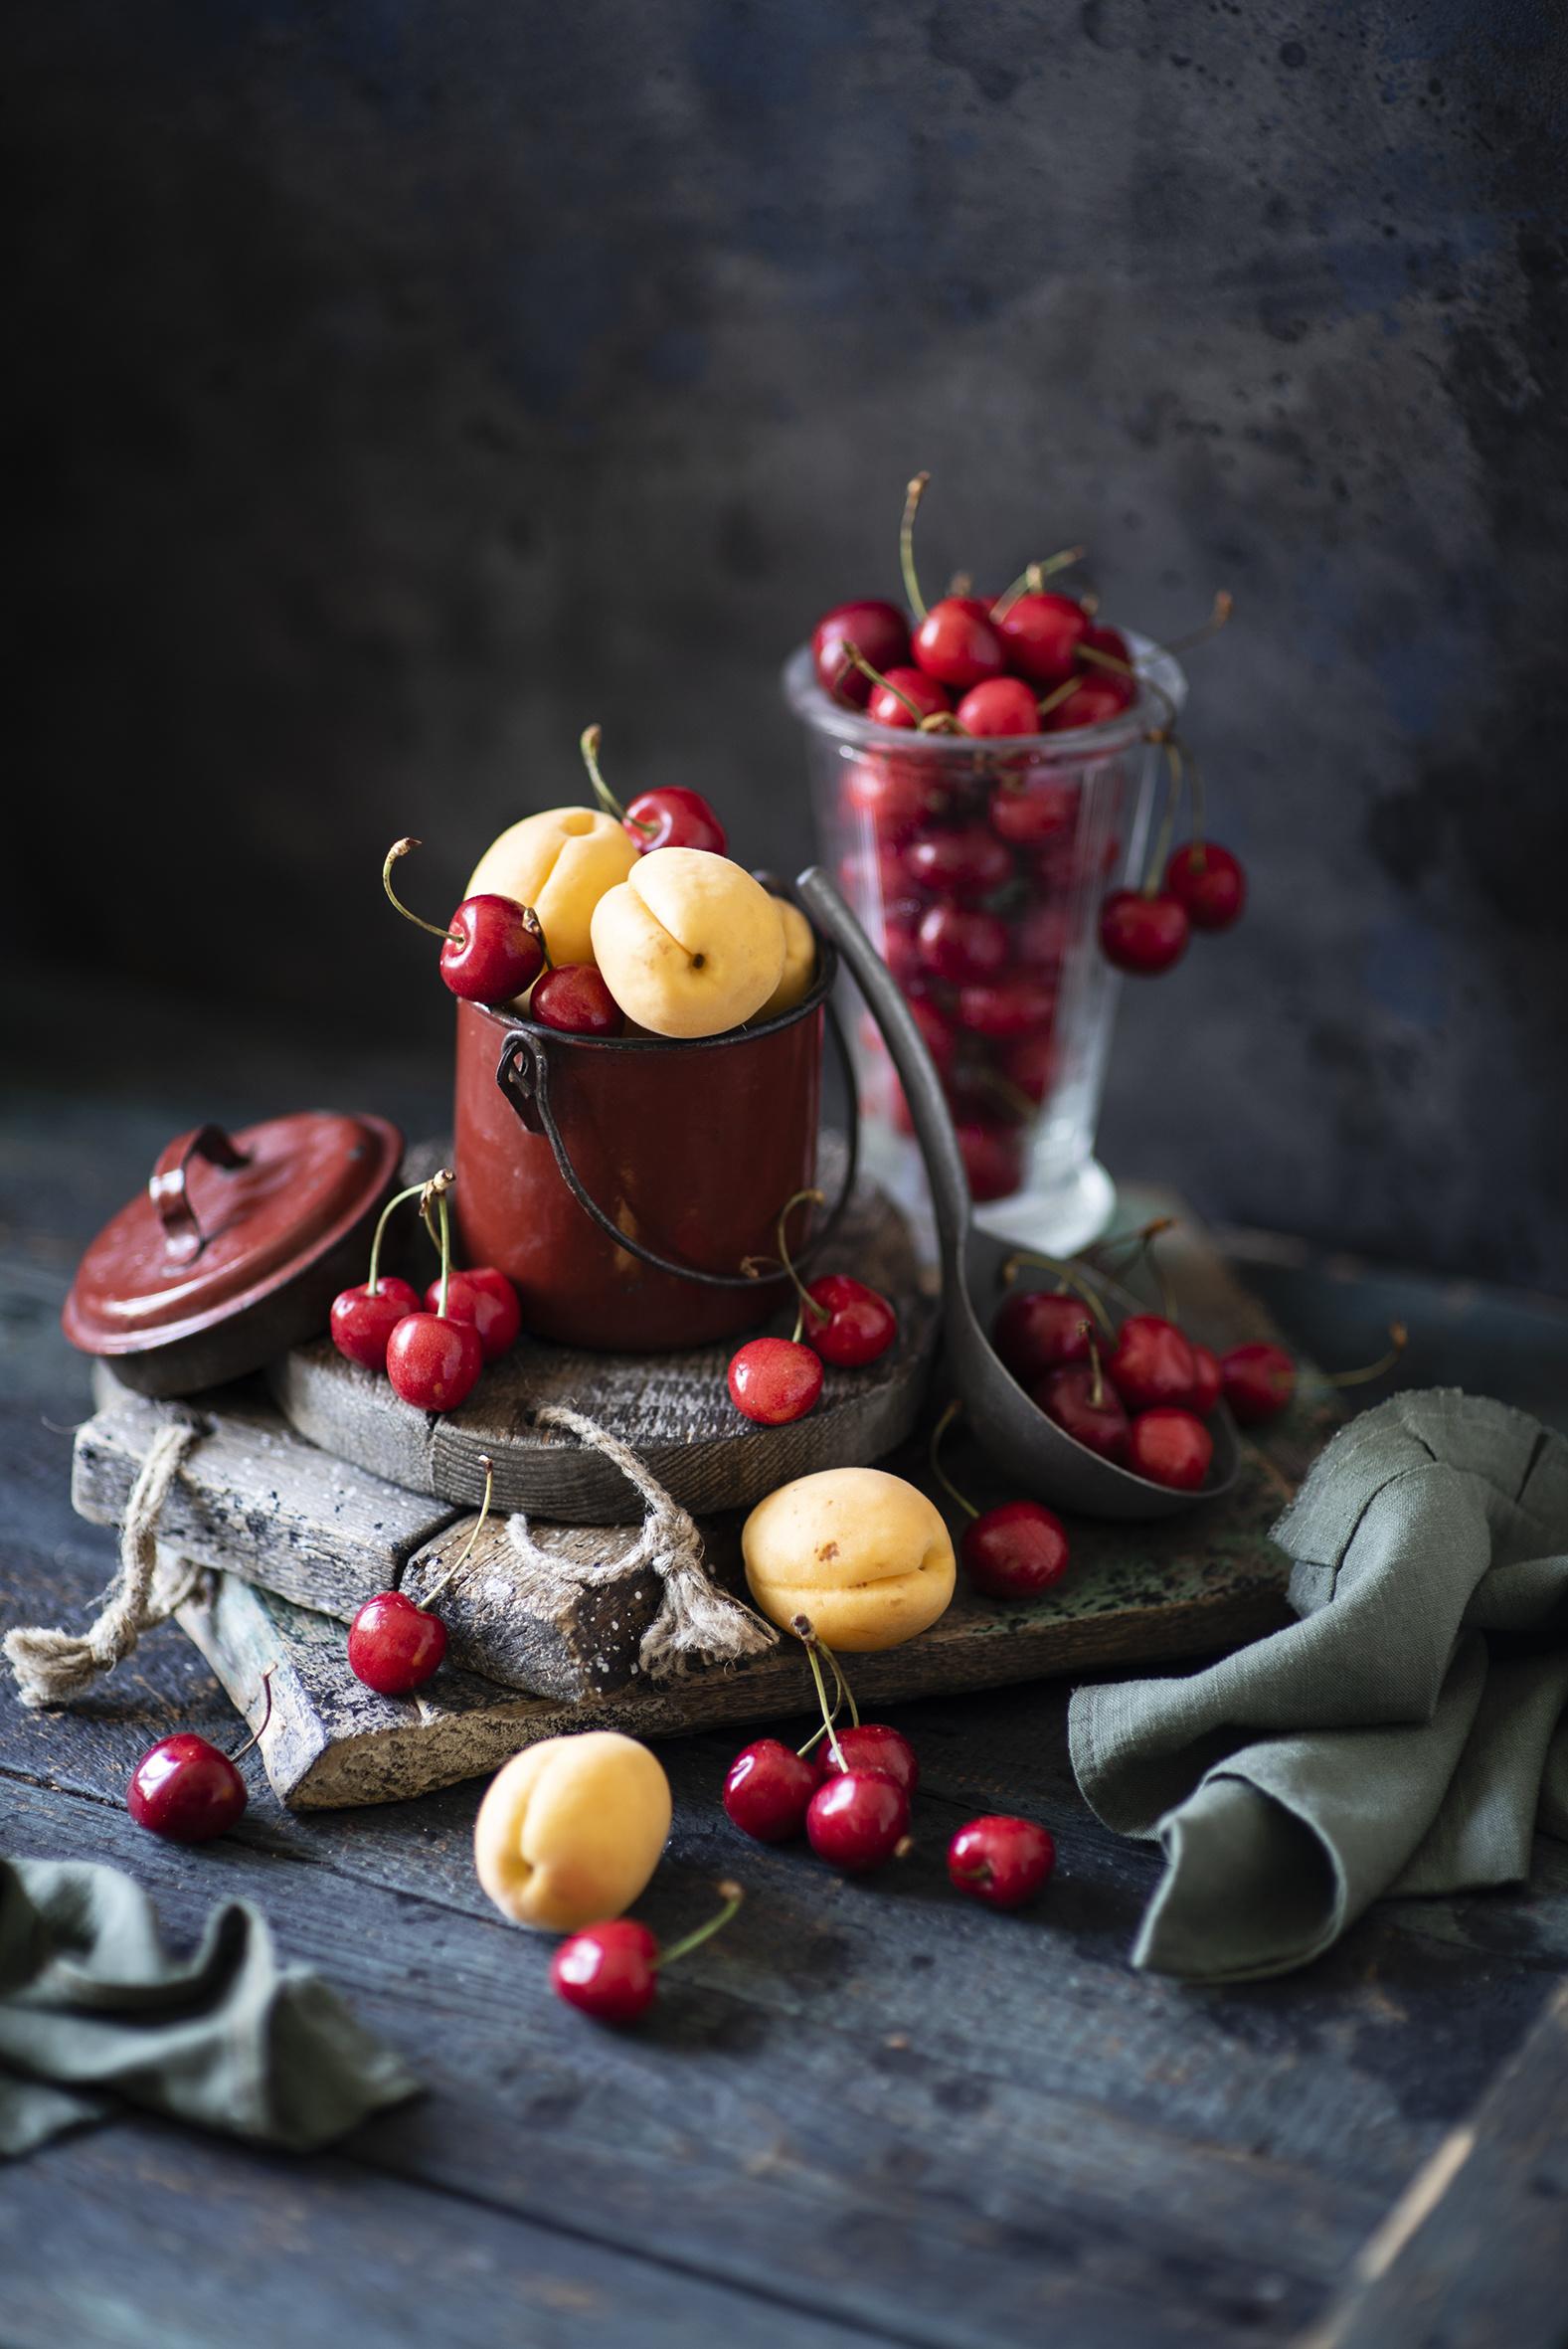 Картинки Ведро Абрикос Вишня Пища Натюрморт Доски  для мобильного телефона ведре ведра Черешня Еда Продукты питания